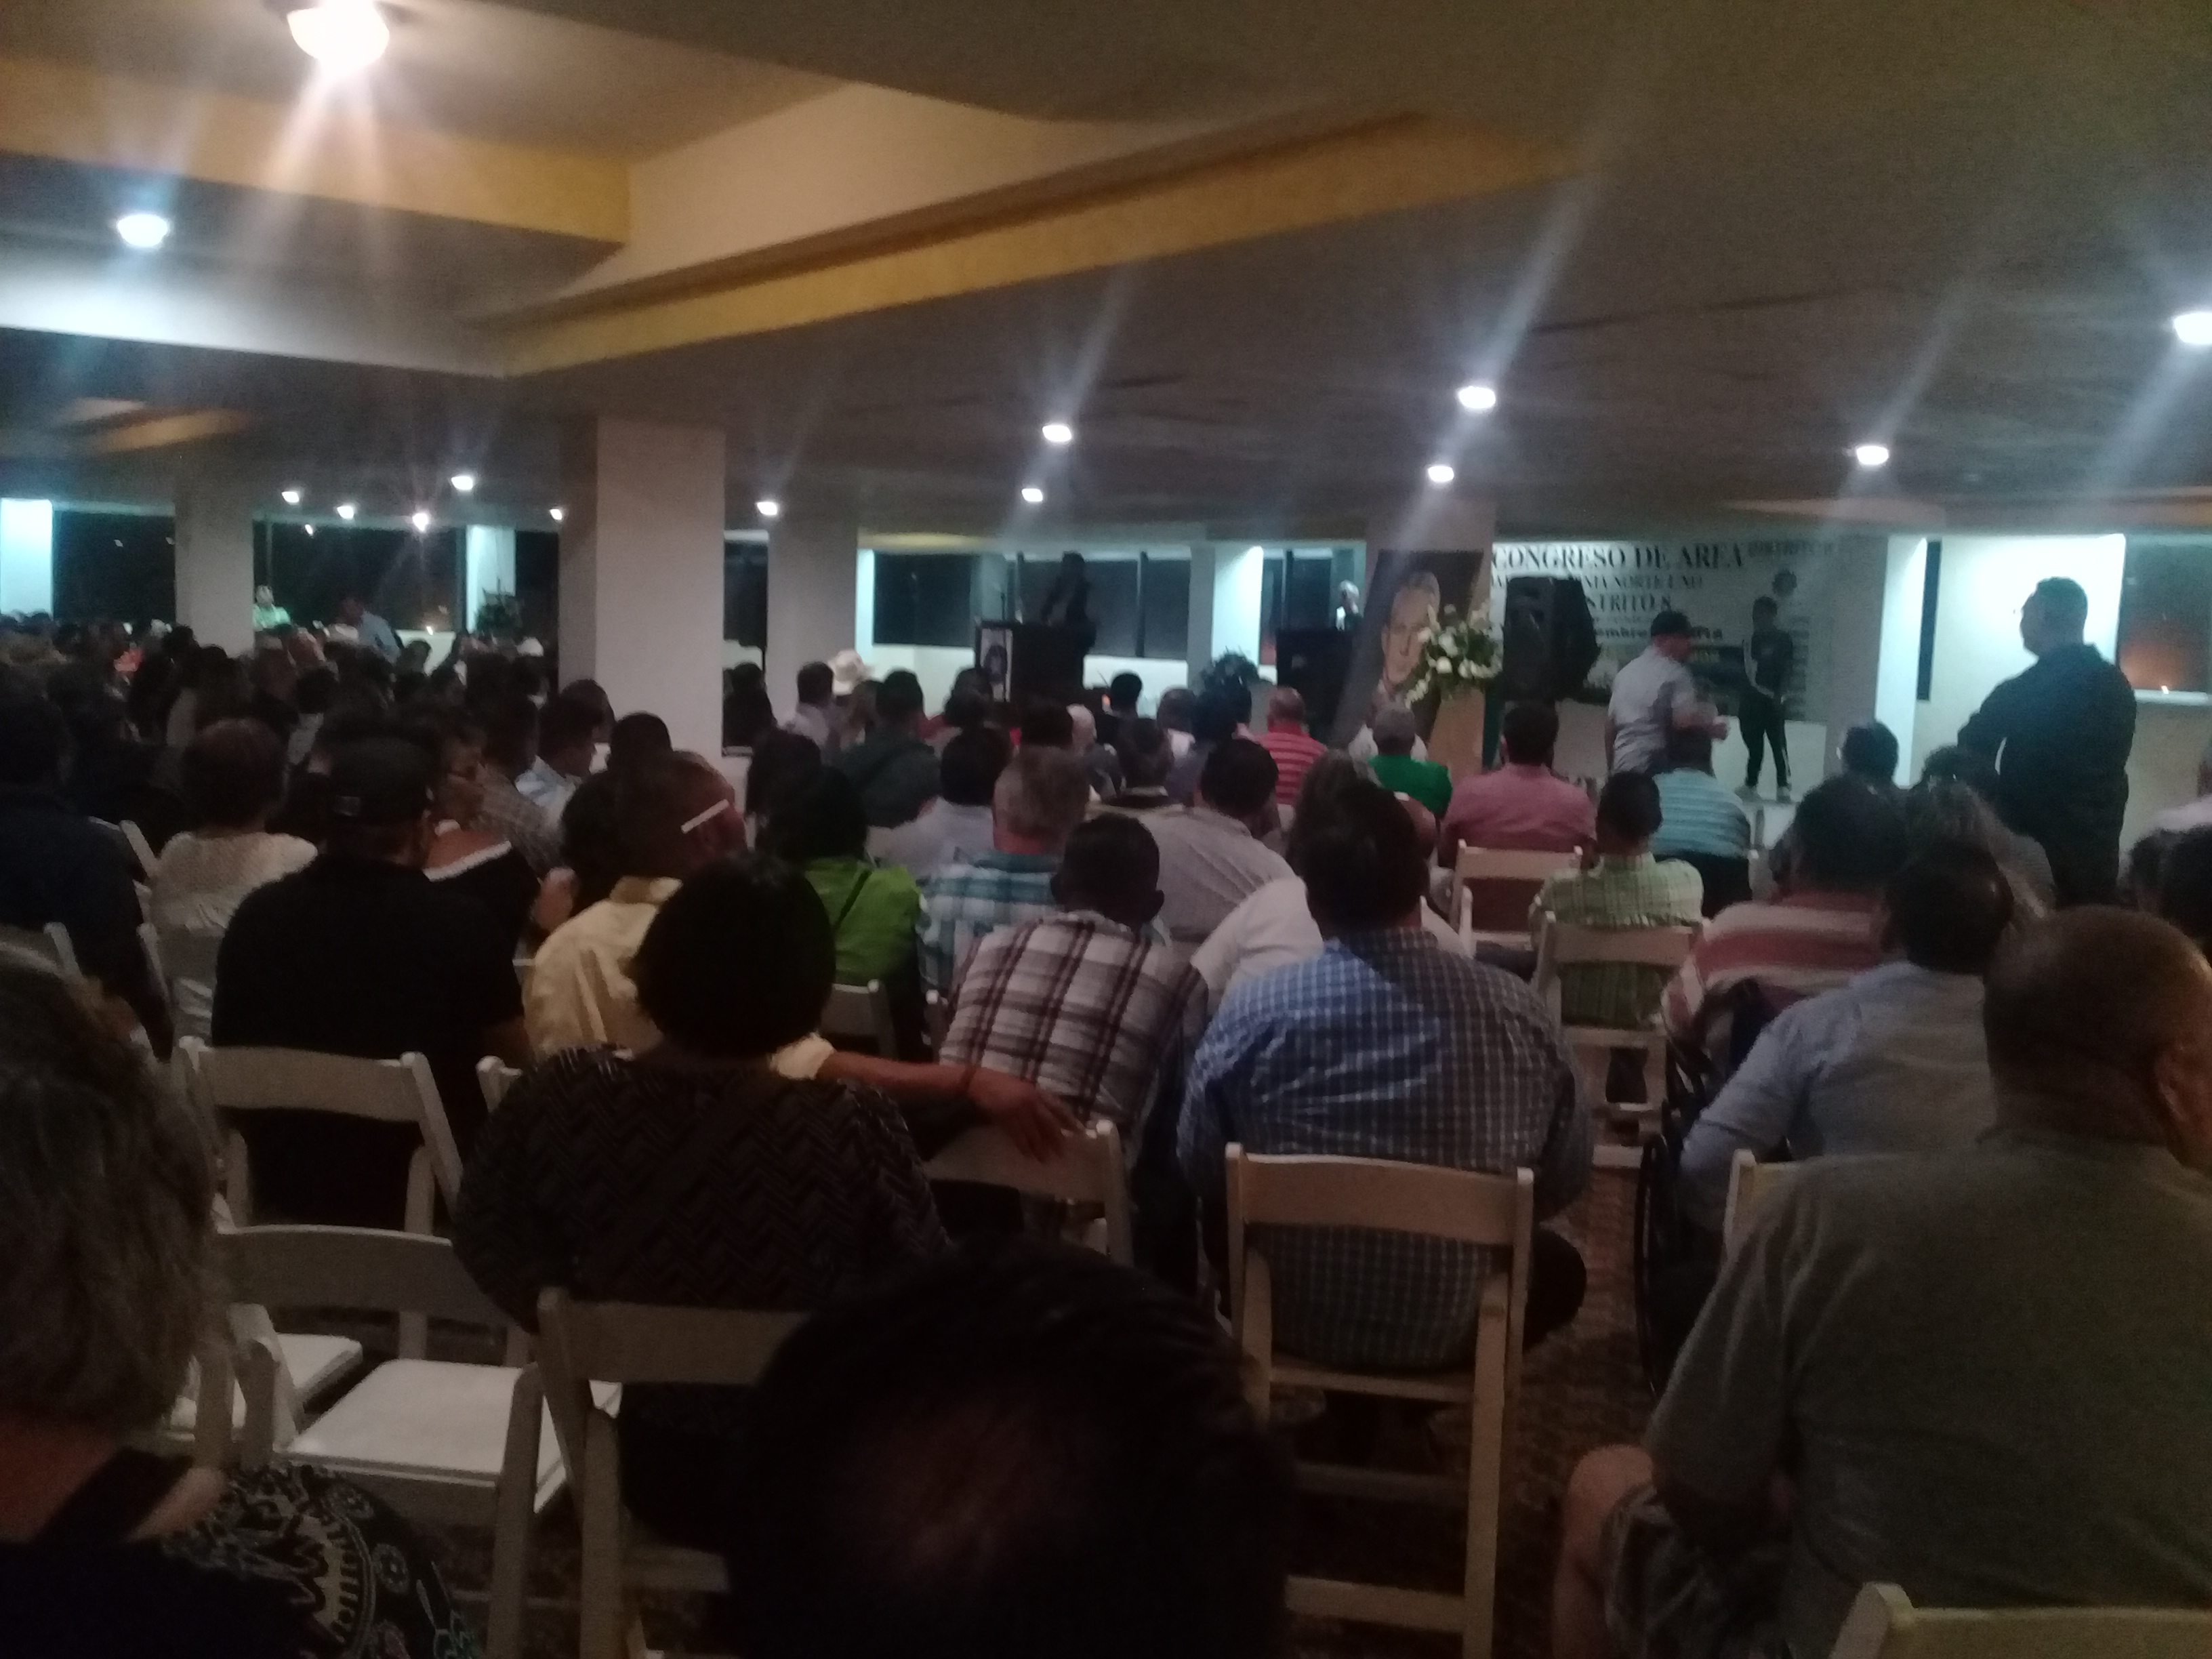 Asisten 700 alcoholicos a Congreso de AA en Rosarito